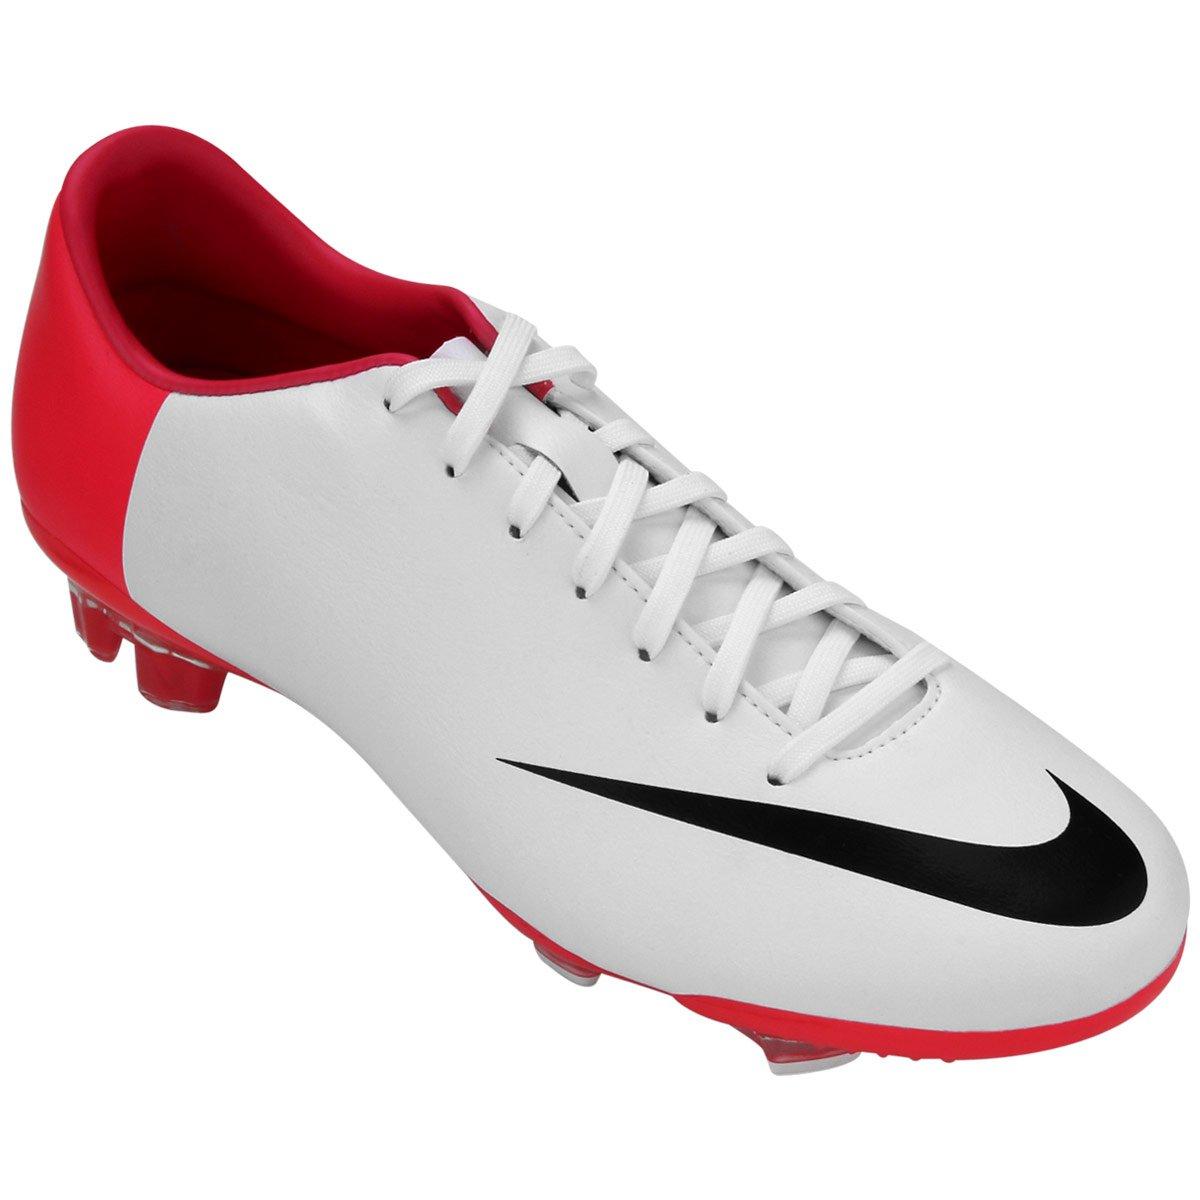 watch 92d34 68b81 ... Chuteira Nike Mercurial Glide 3 FG - Edição Especial - Compre Agora  Netshoes  botines nike ctr360 maestri 2 ...